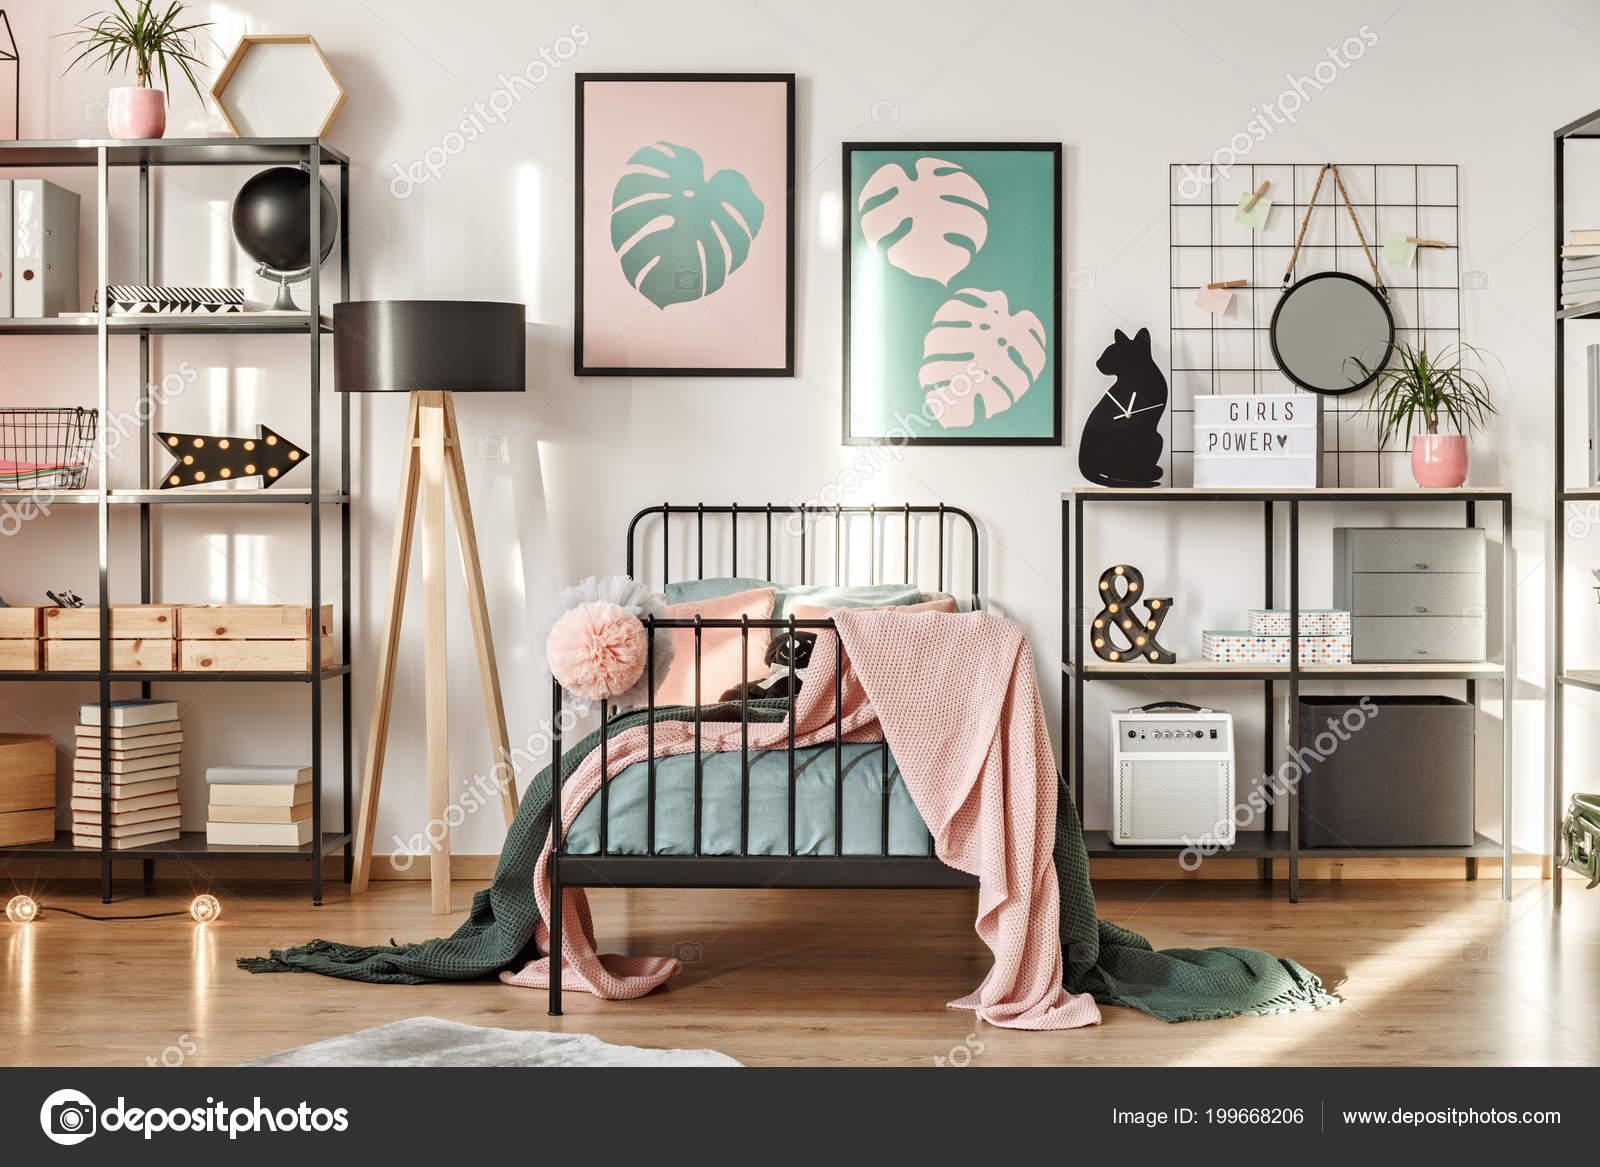 Metalen rekken met decoraties botanische posters comfortabele bed